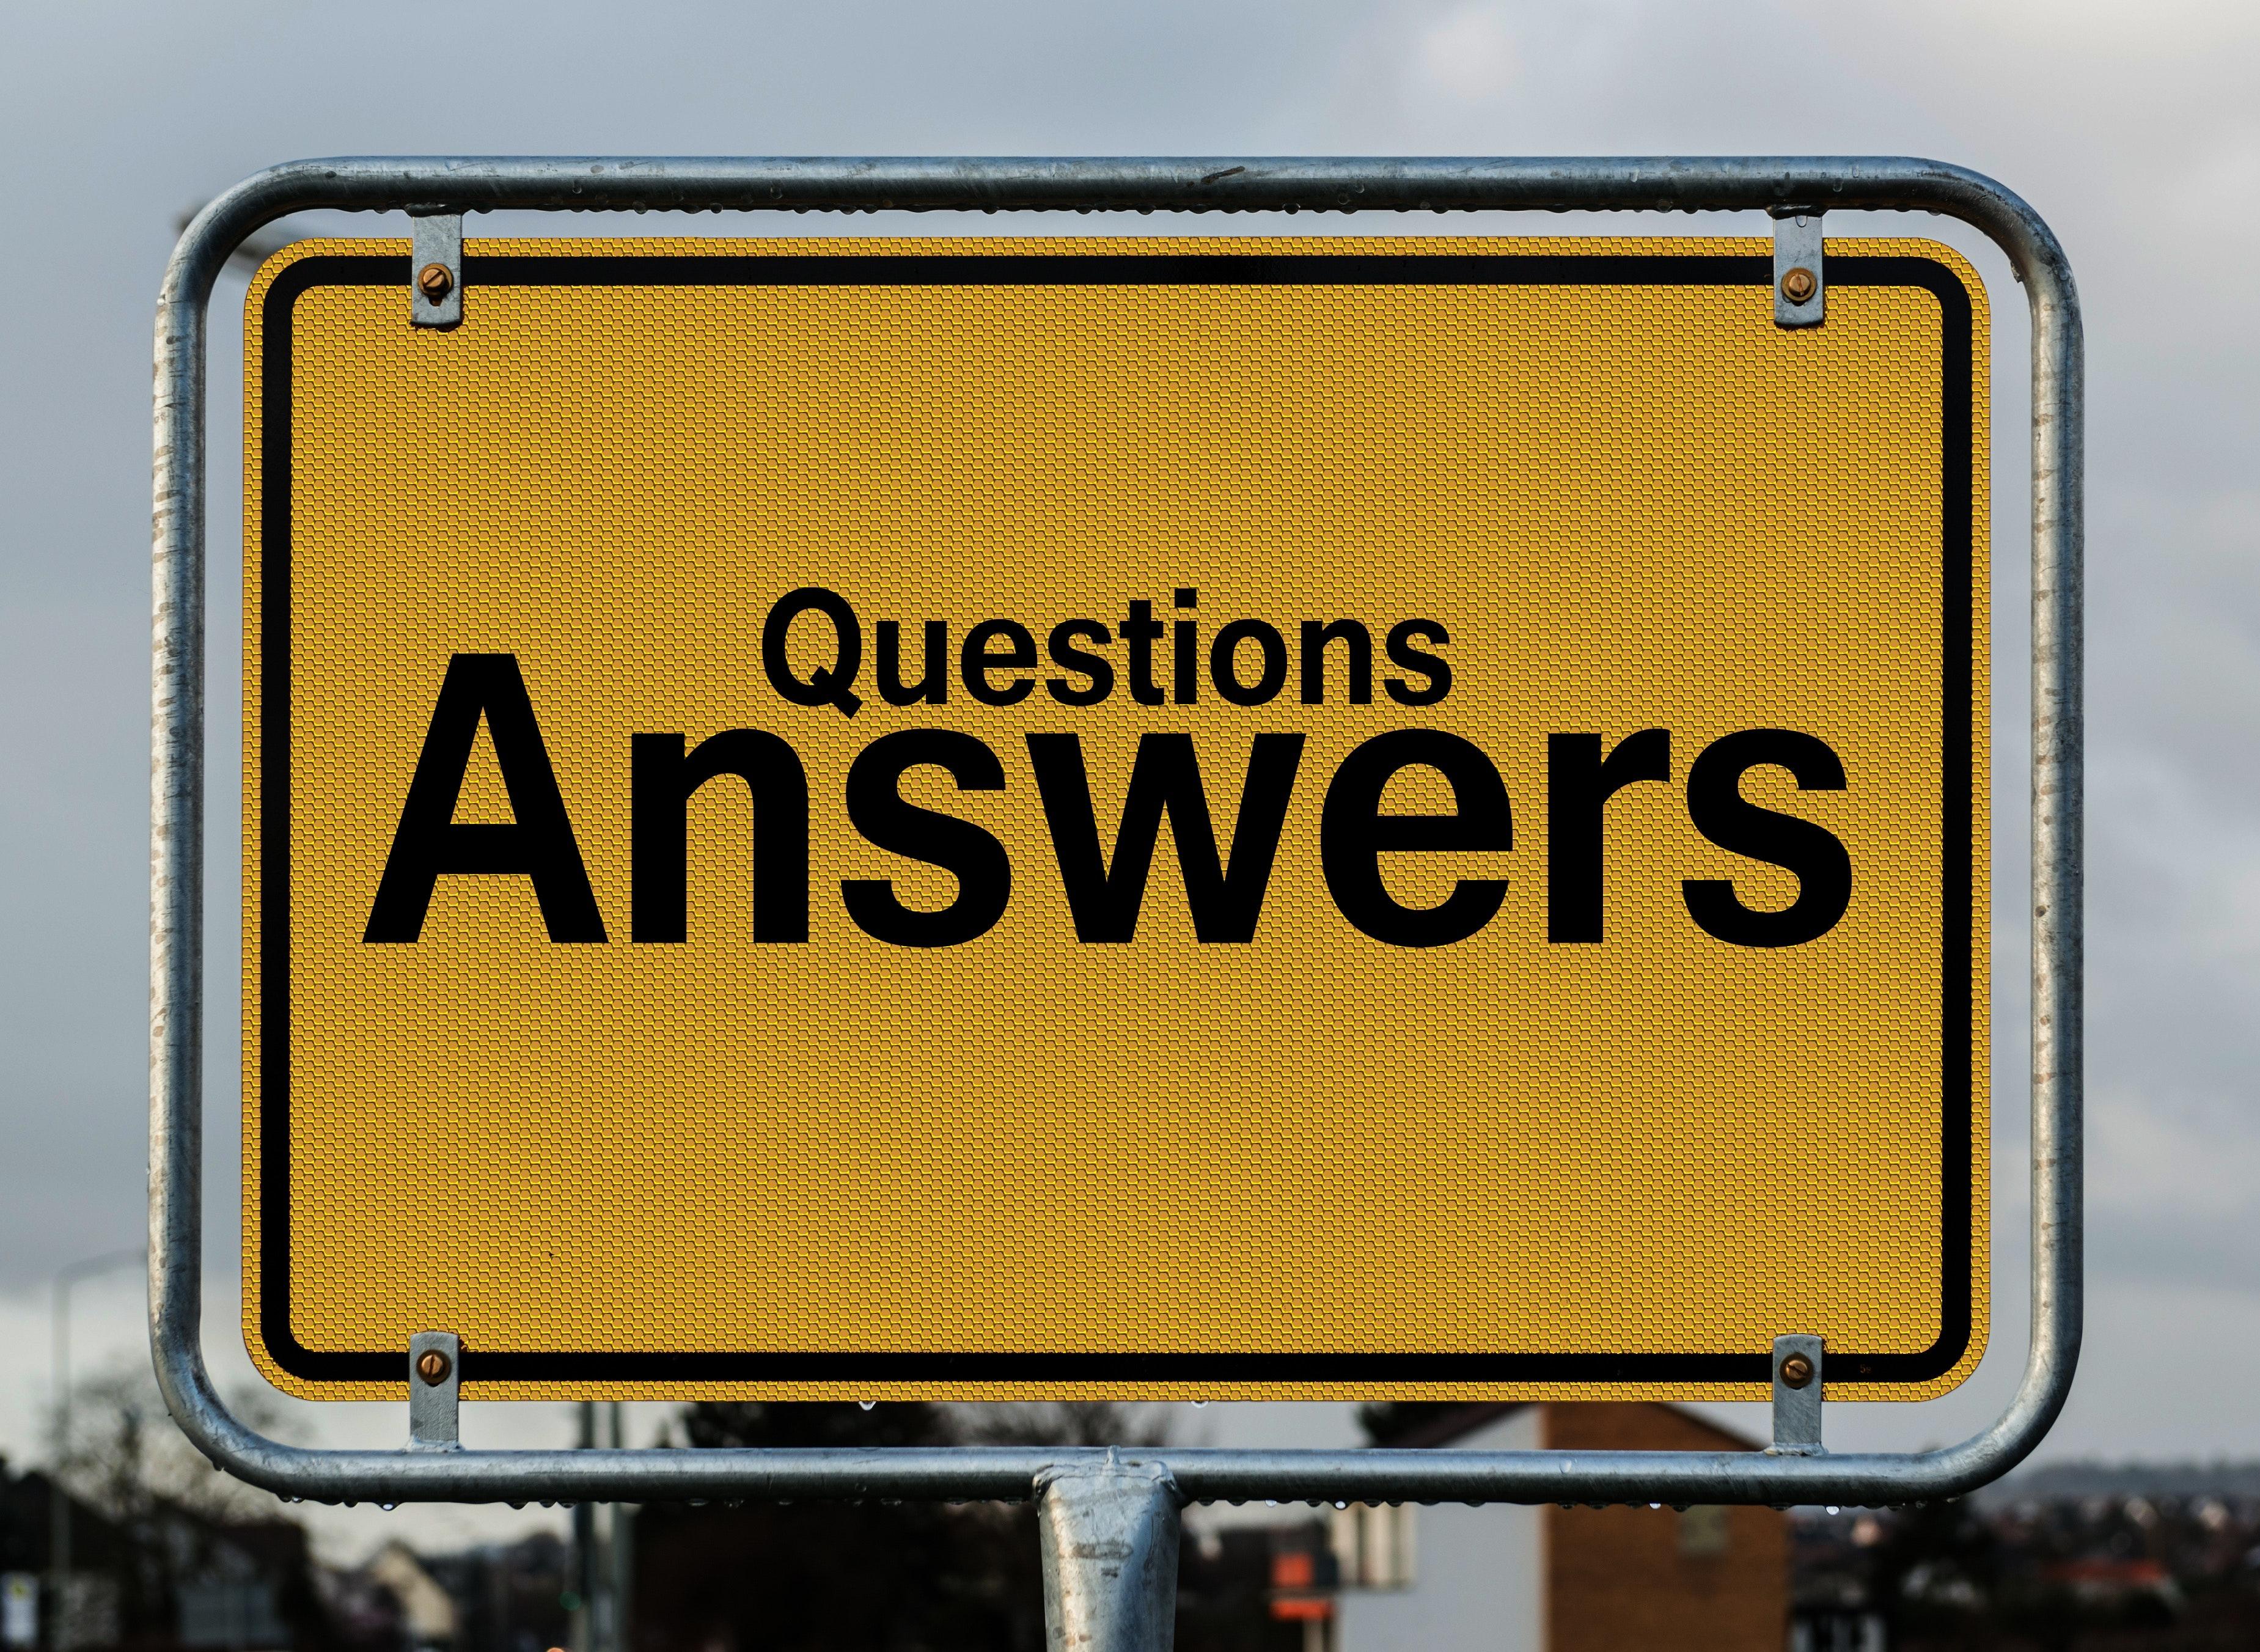 自然エネルギー100%プラットフォーム よくあるご質問